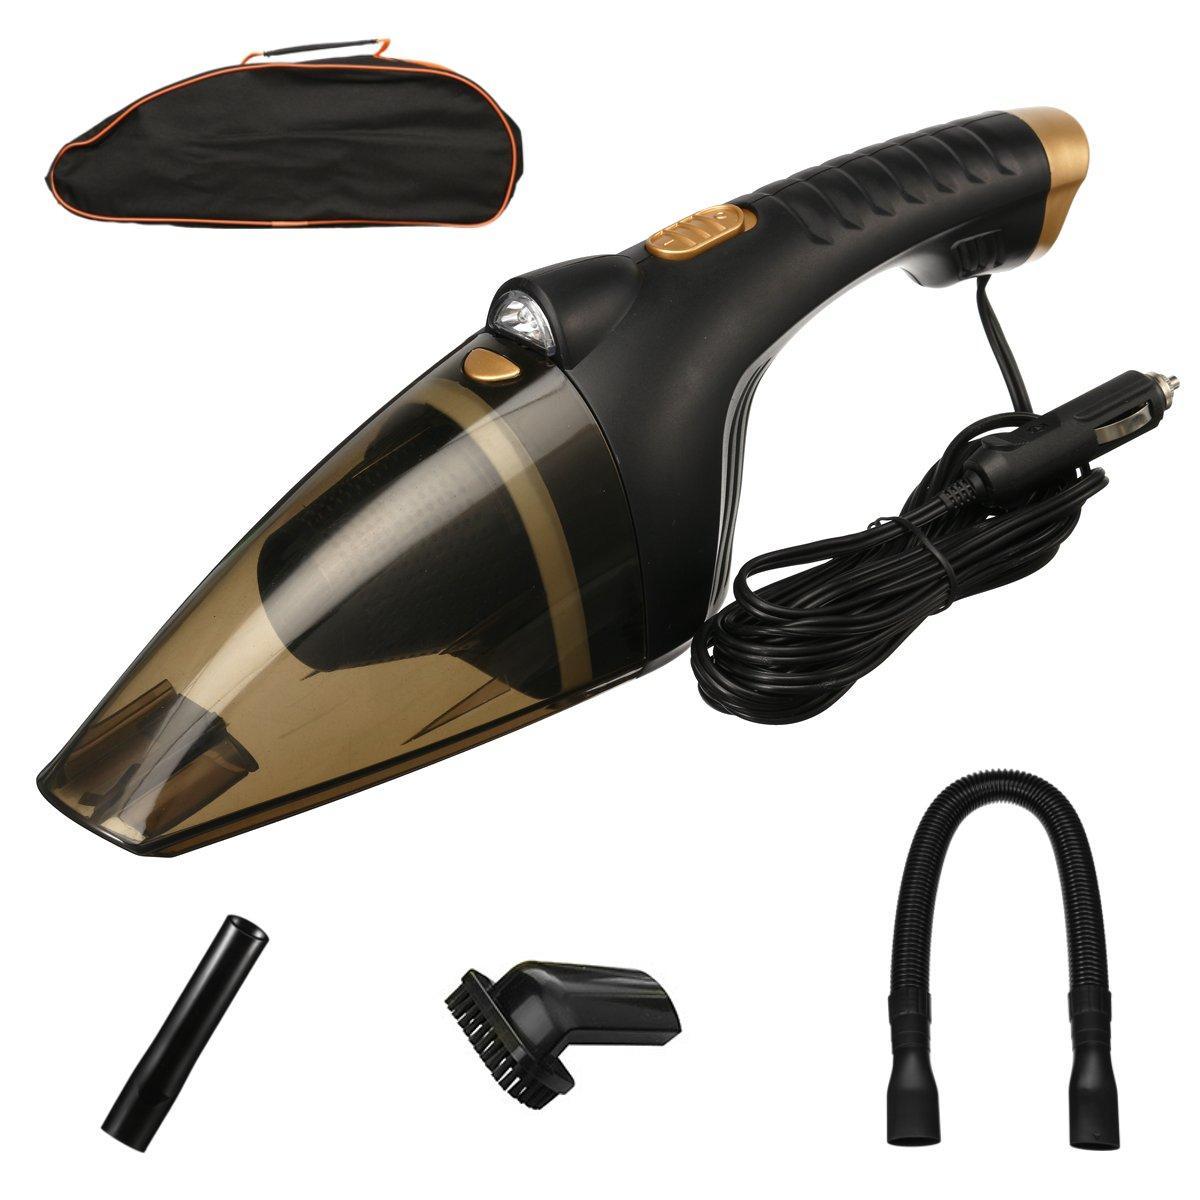 12V 72W Handheld Auto Van Caravan Vacuum Cleaner Portable Car Wet & Dry Duster